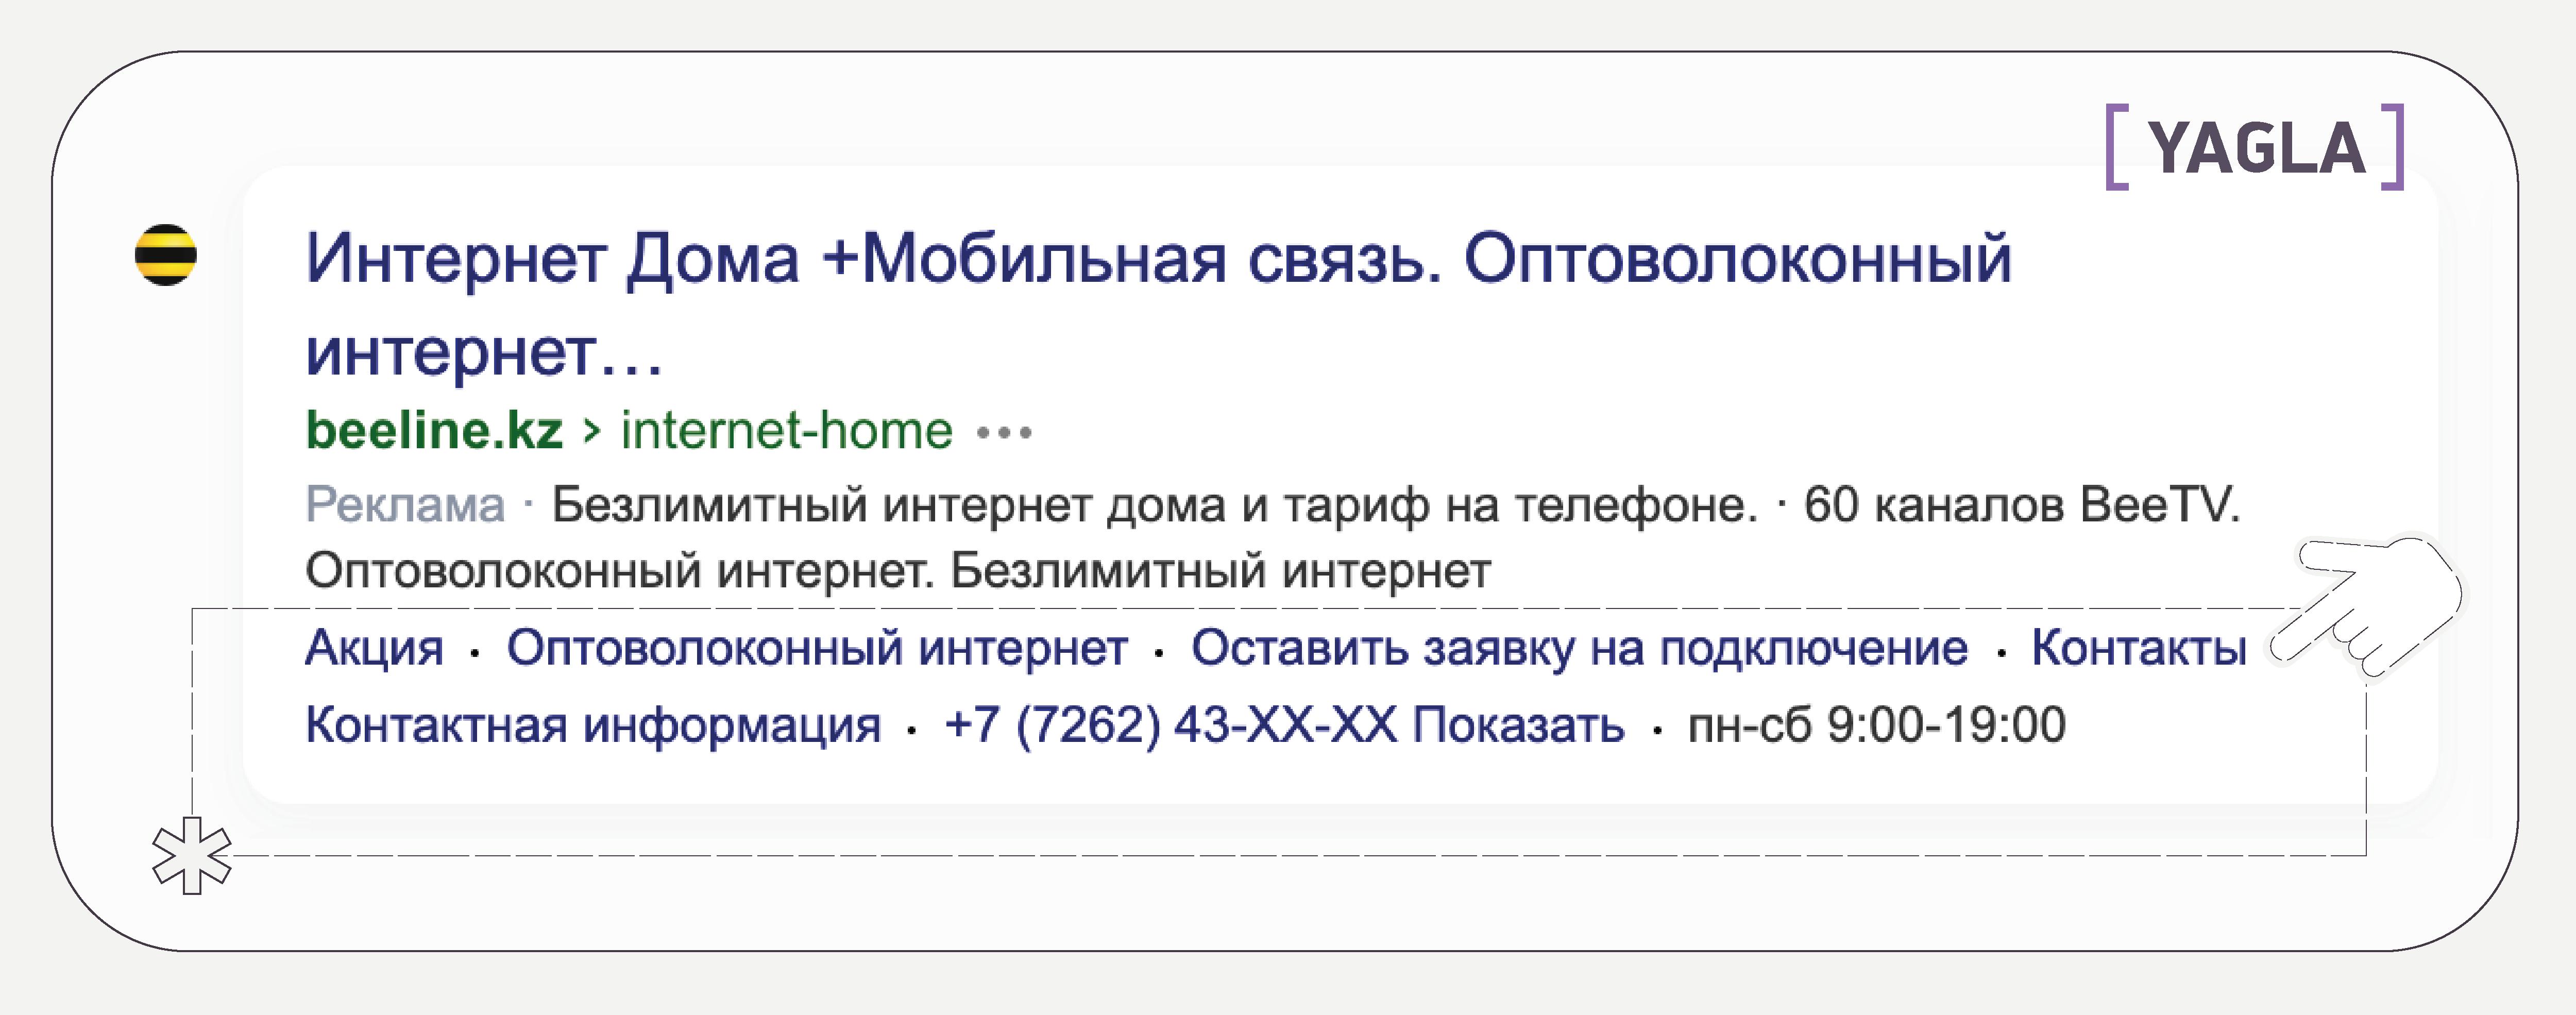 Пример быстрых ссылок в Яндекс